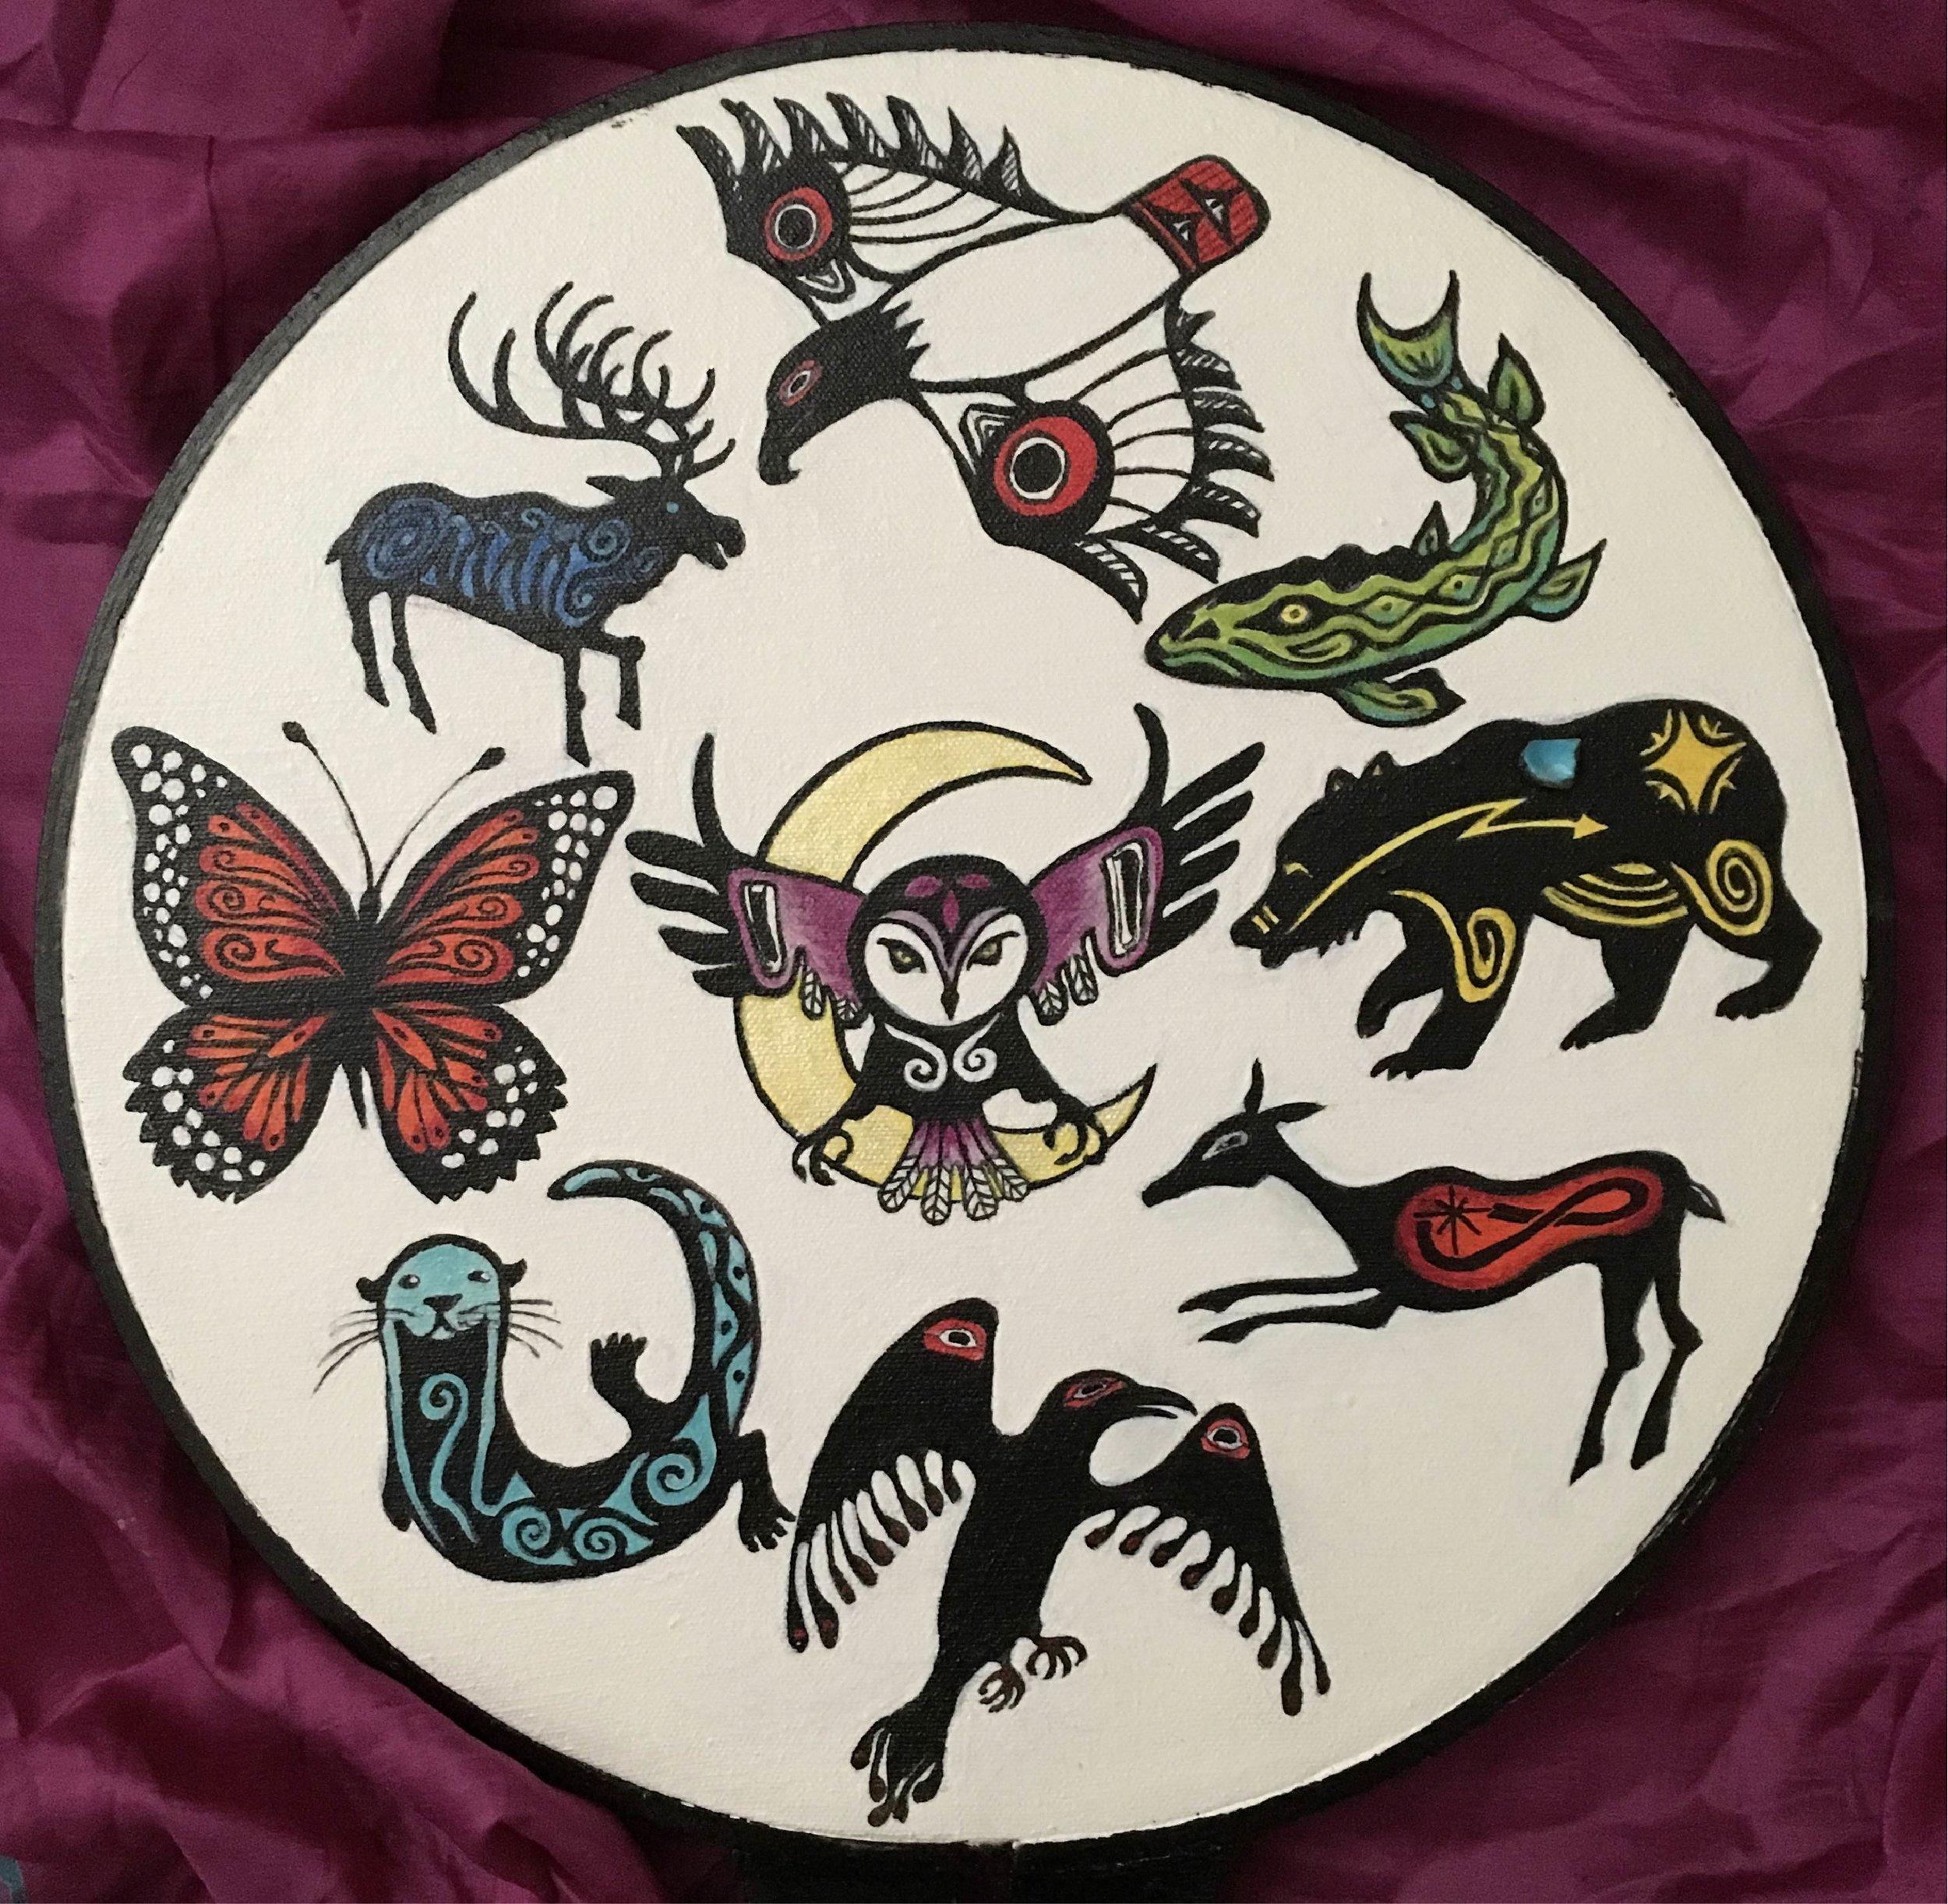 Raven Shield, by Kassie Maurer